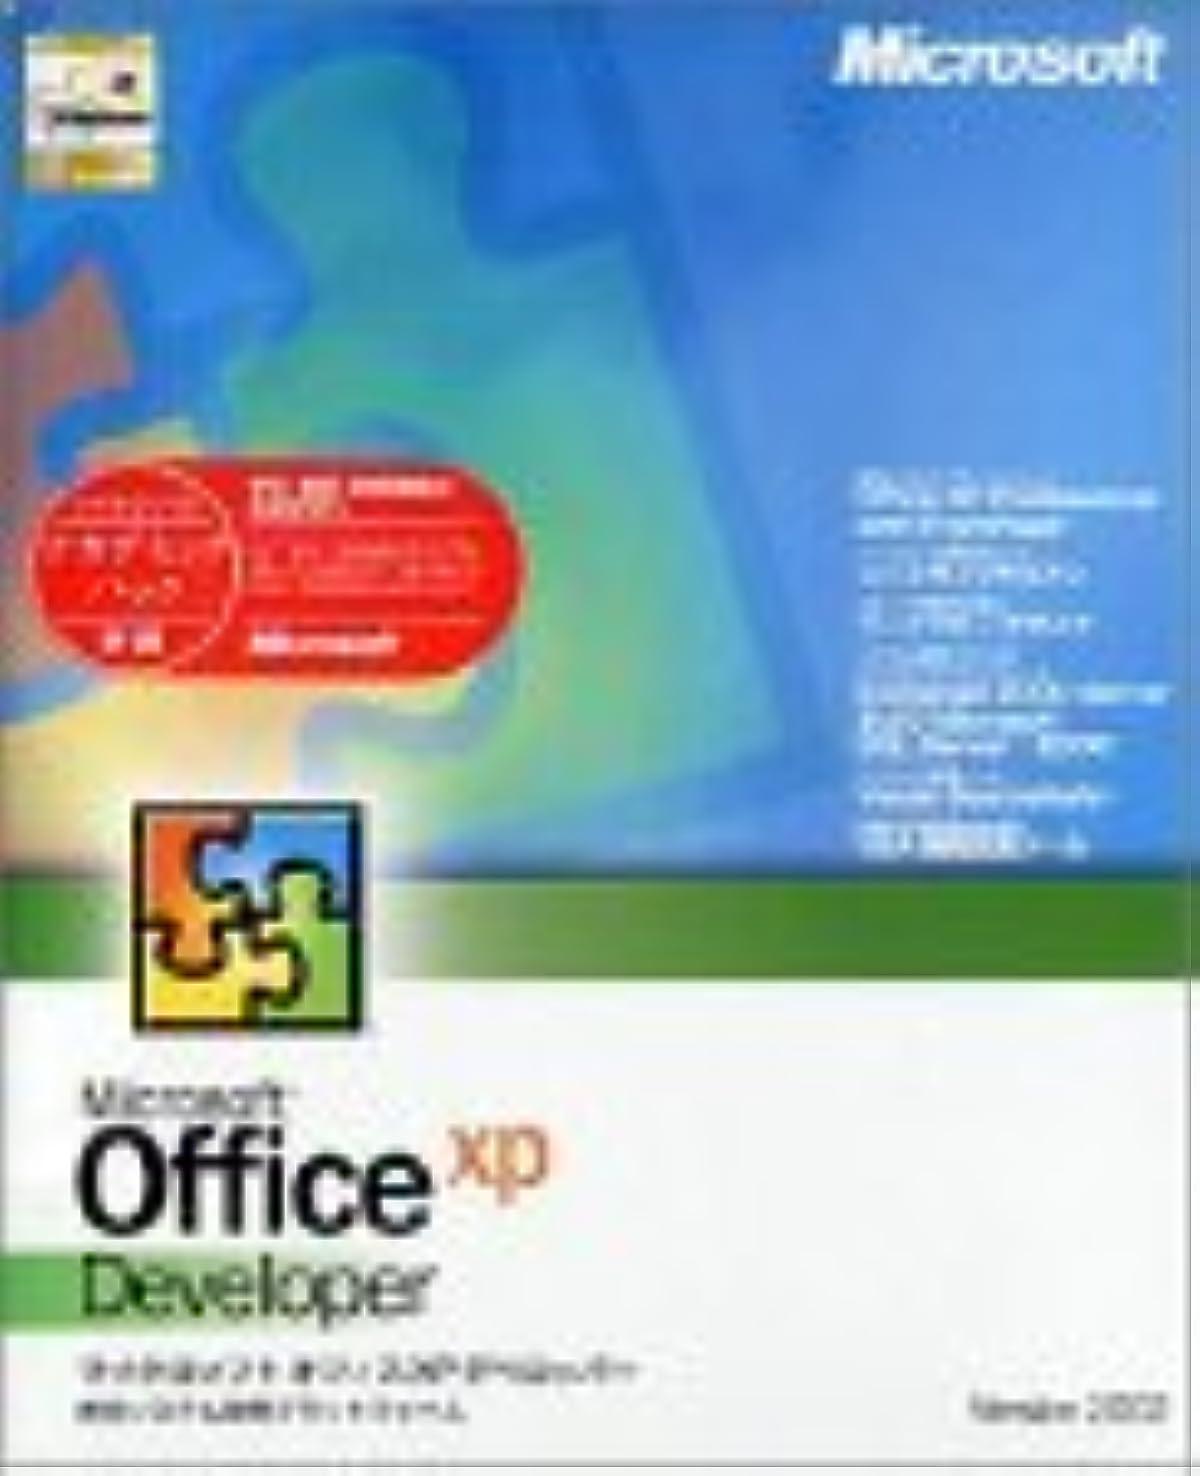 極端なミネラル漫画【旧商品】Office XP Developer アカデミック